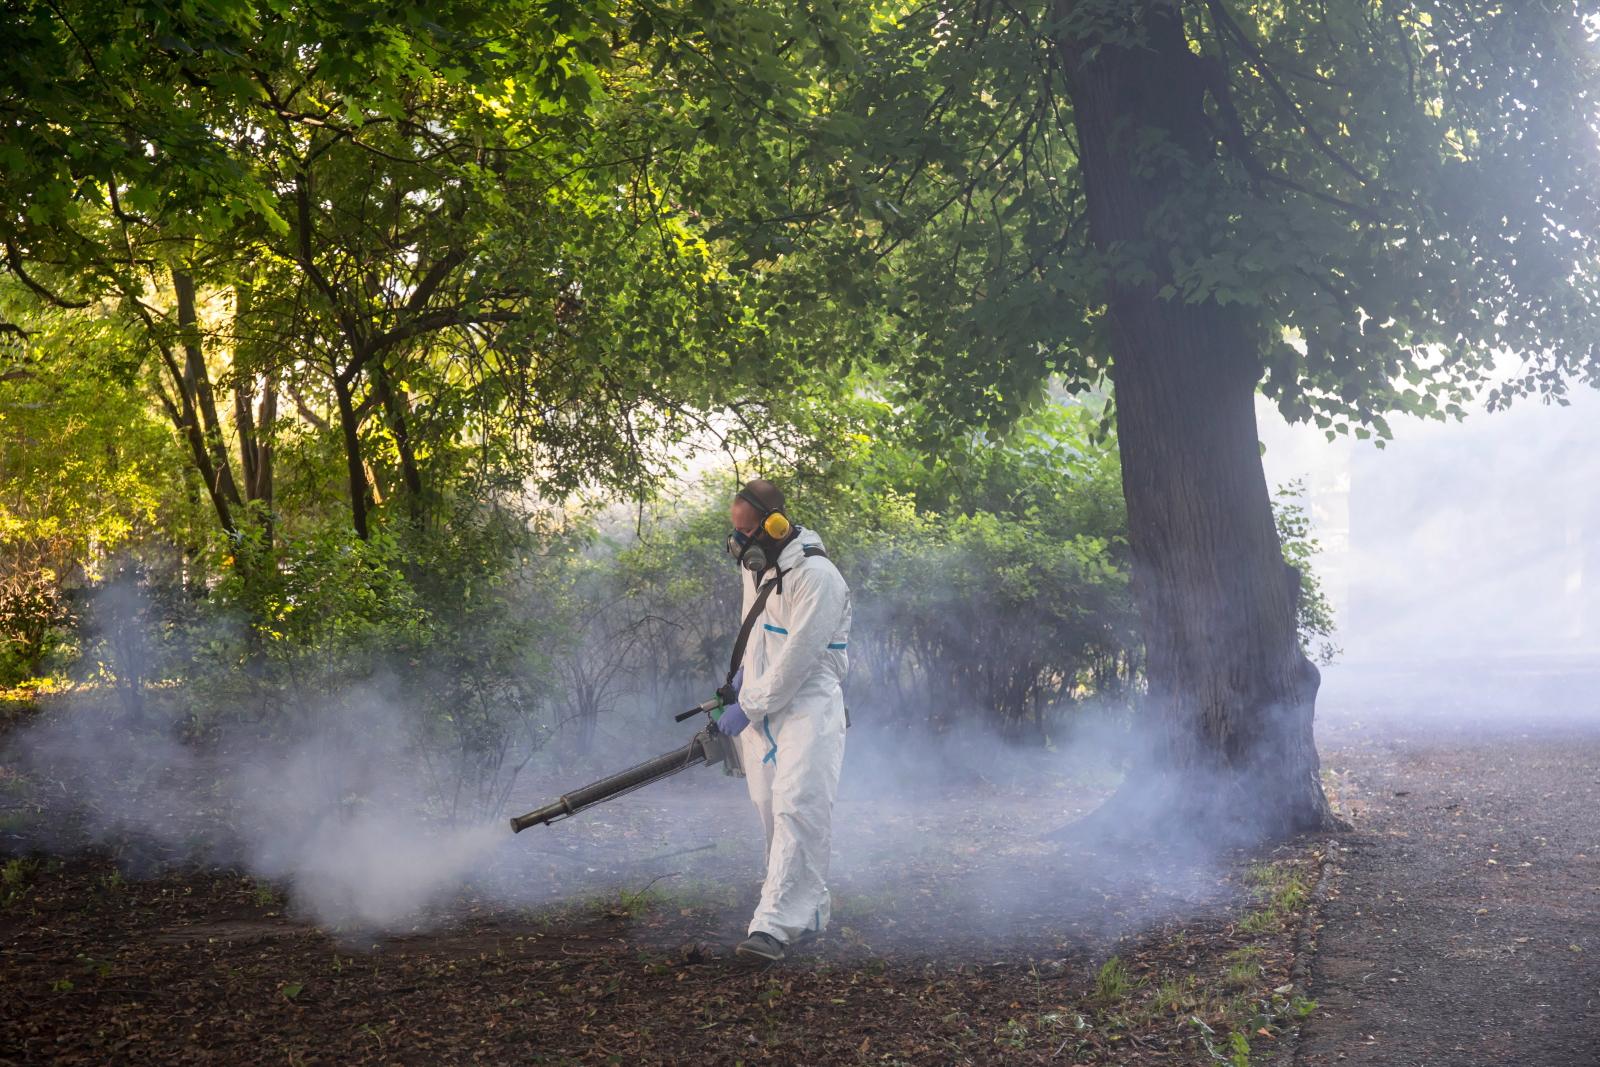 Odkomarzanie w Parku Bronowickim w Lublinie. Około 200 ha terenów zielonych w Lublinie obejmie rozpoczęta akcja odkomarzania. Wykorzystywany będzie do tego preparat zwalczający komary, ale też meszki i kleszcze - nieszkodliwy dla ludzi. Fot. PAP/Wojtek Jargiło